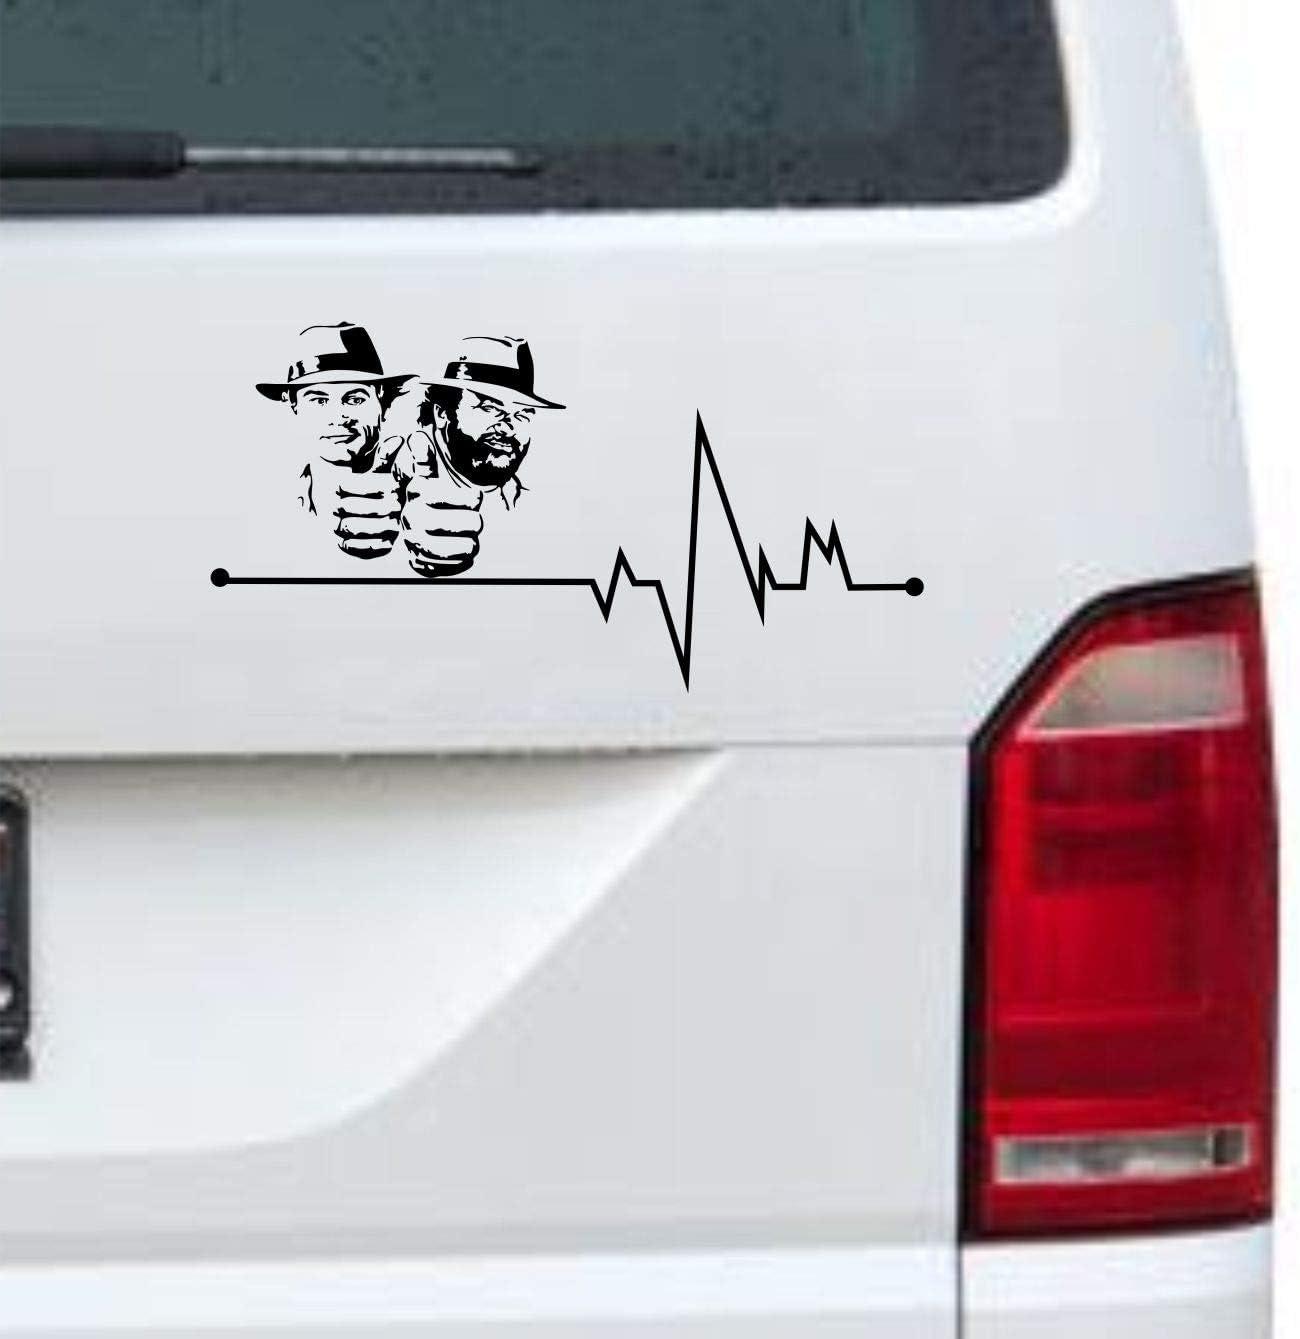 Myrockshirt Herzschlag Typ2 Terence Hill Bud Spencer 40cm Aufkleber Für Auto Lack Scheibe Wand Autoaufkleber Decal Sticker Profi Qualität Auto